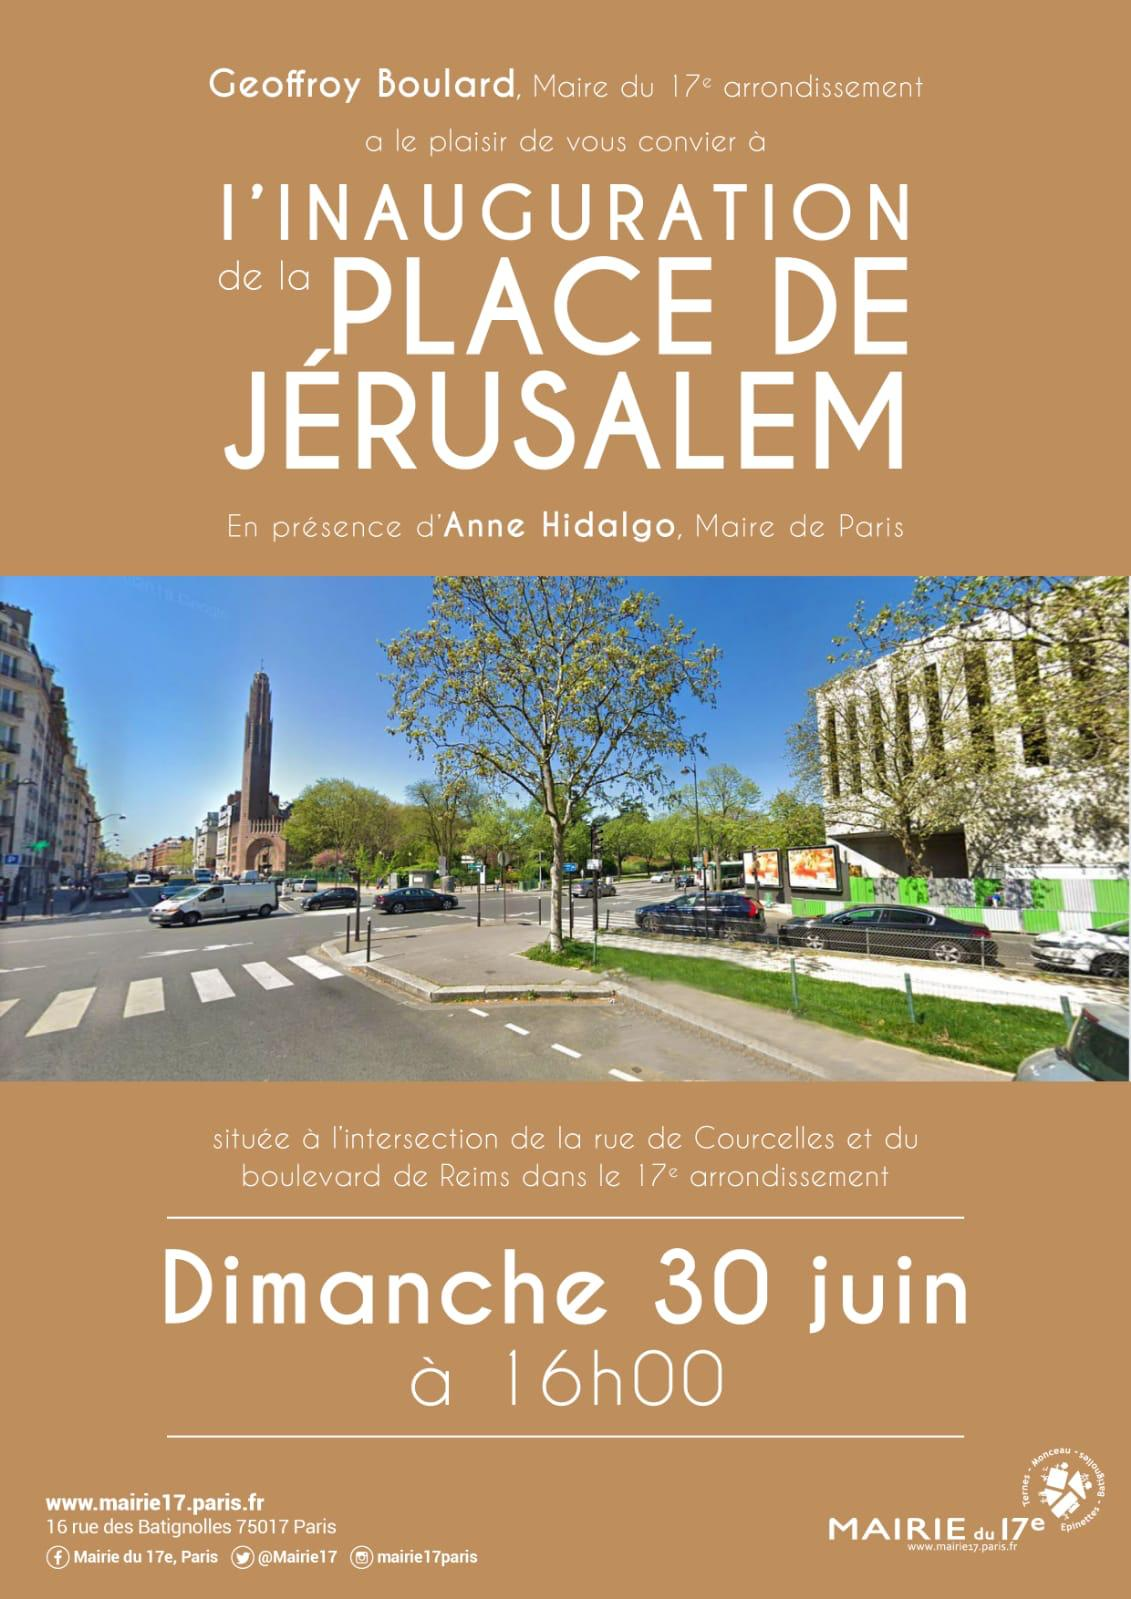 Flyer de l'inauguration de la place de Jérusalem à Paris le 30 juin 2019